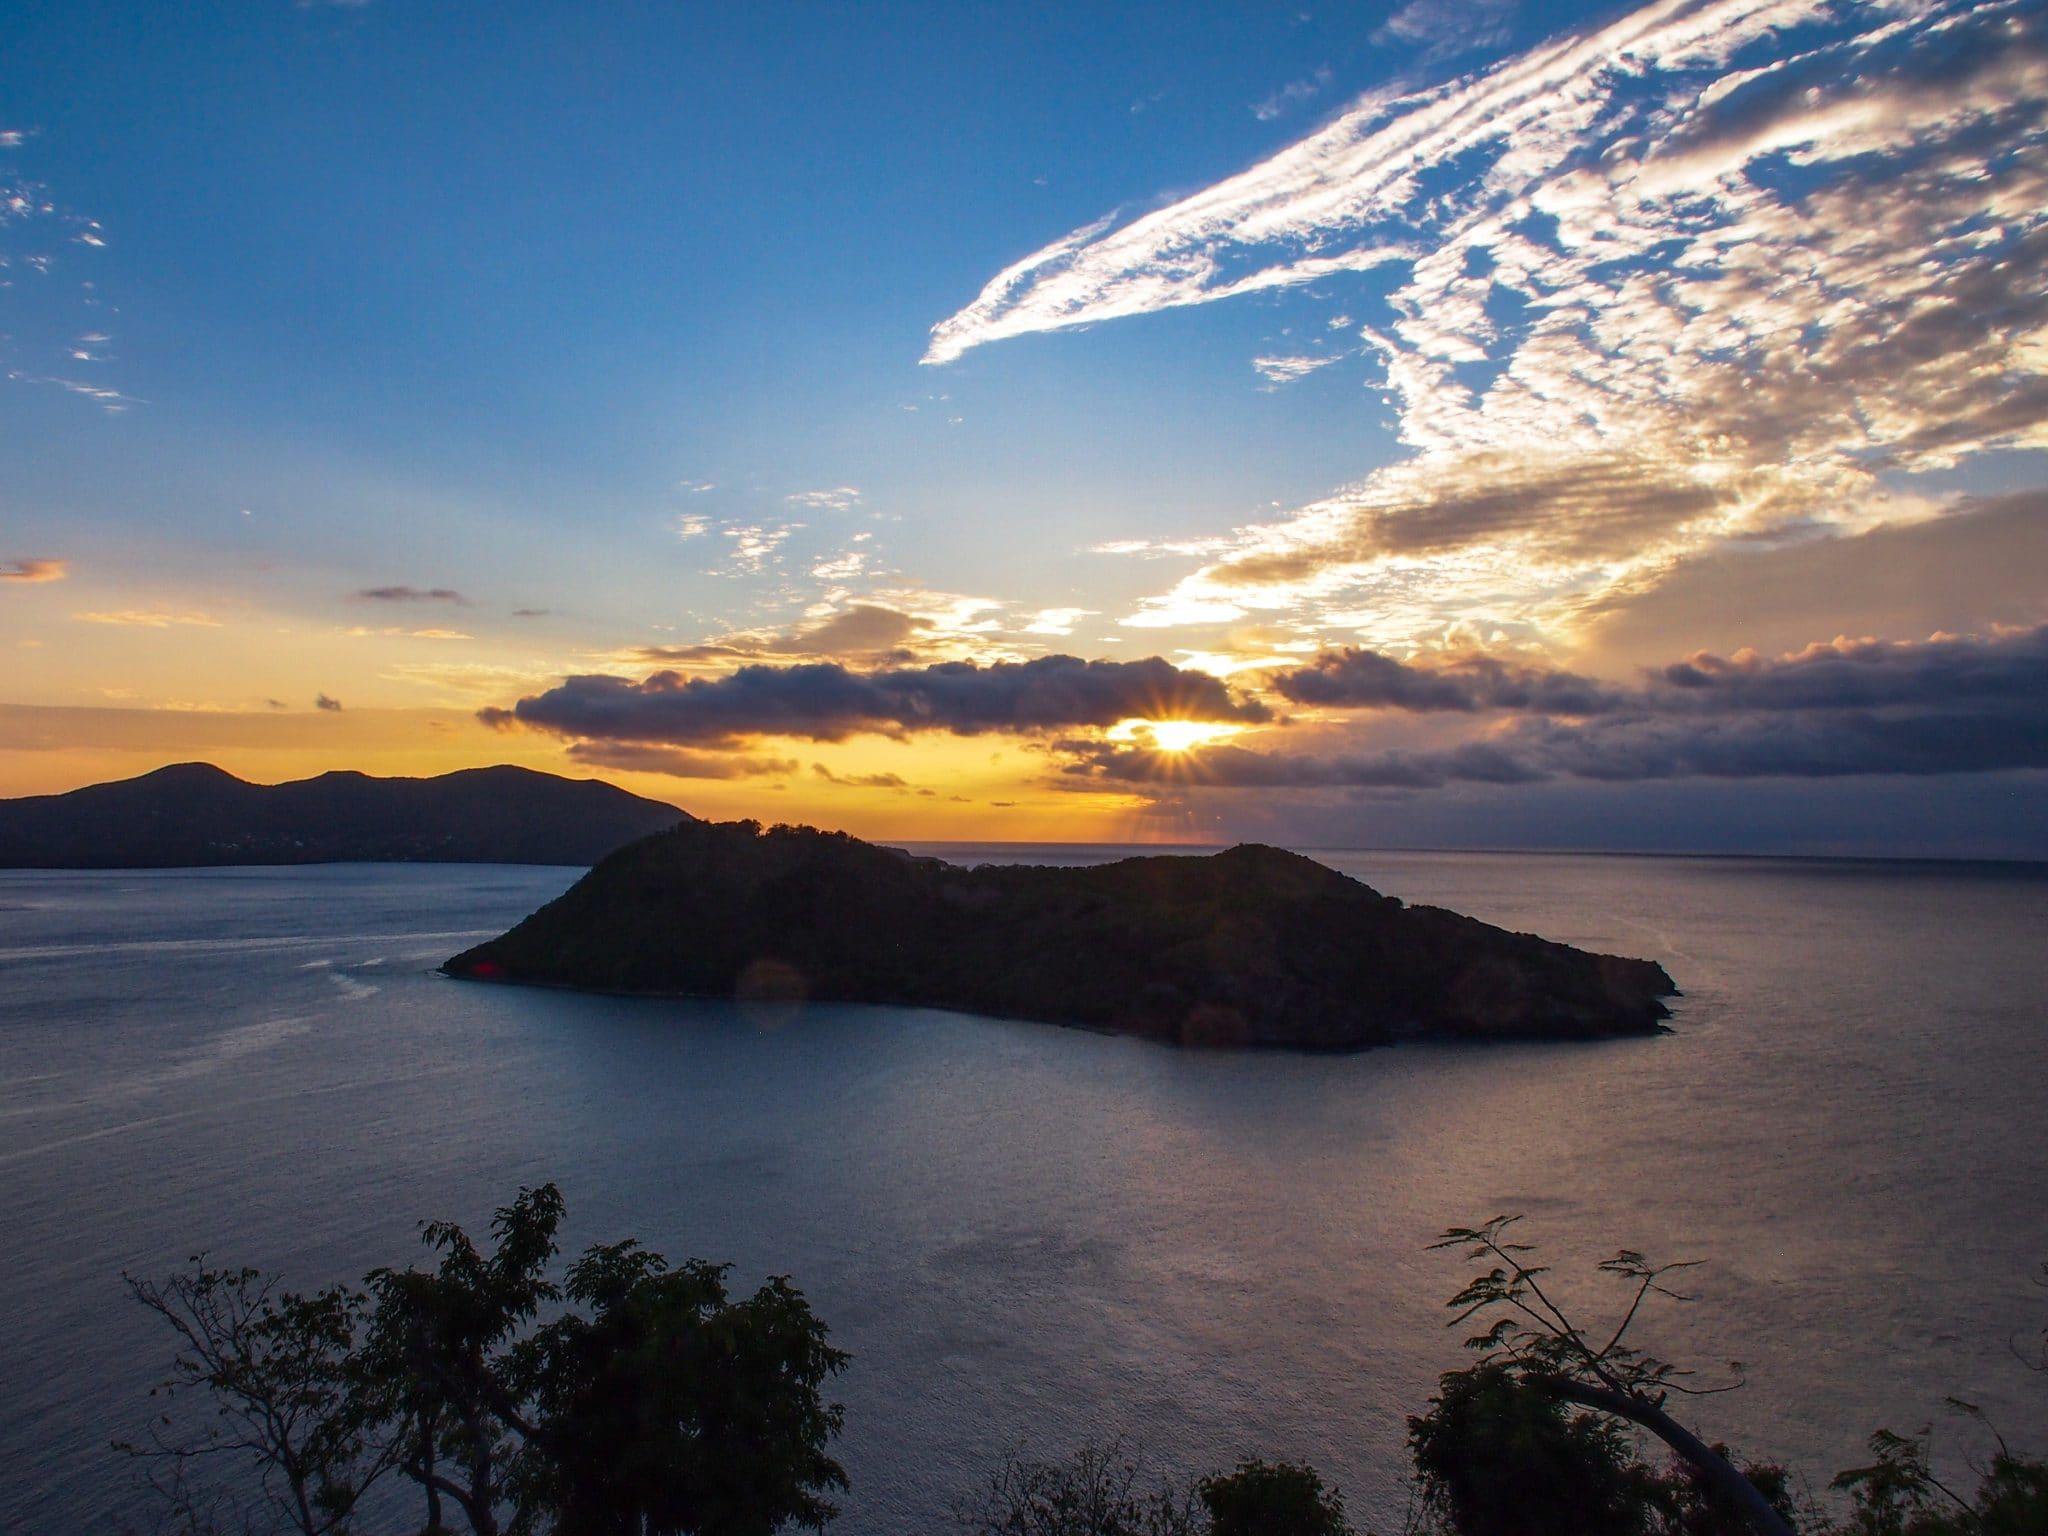 Sunset Over Îlet à Cabrit des Saintes, Guadeloupe